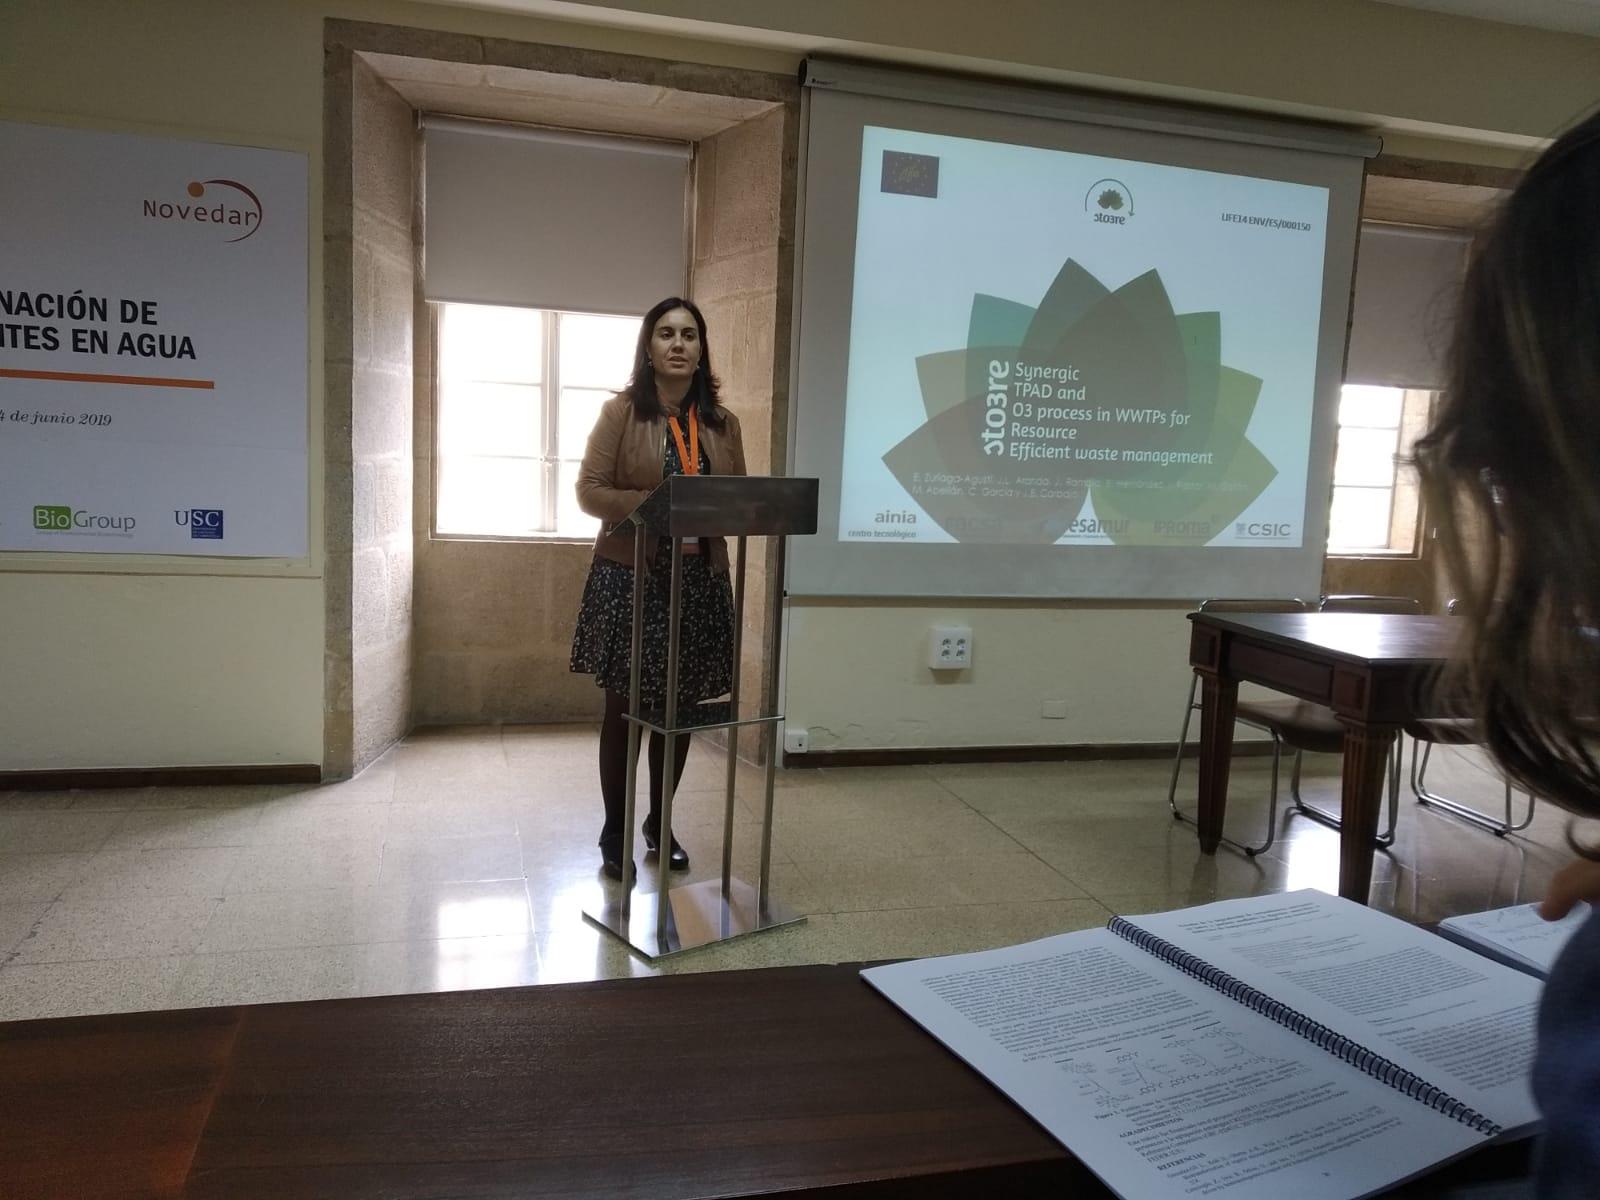 Participation in the Symposium of Microcontaminants of the Novedar network in Santiago de Compostela